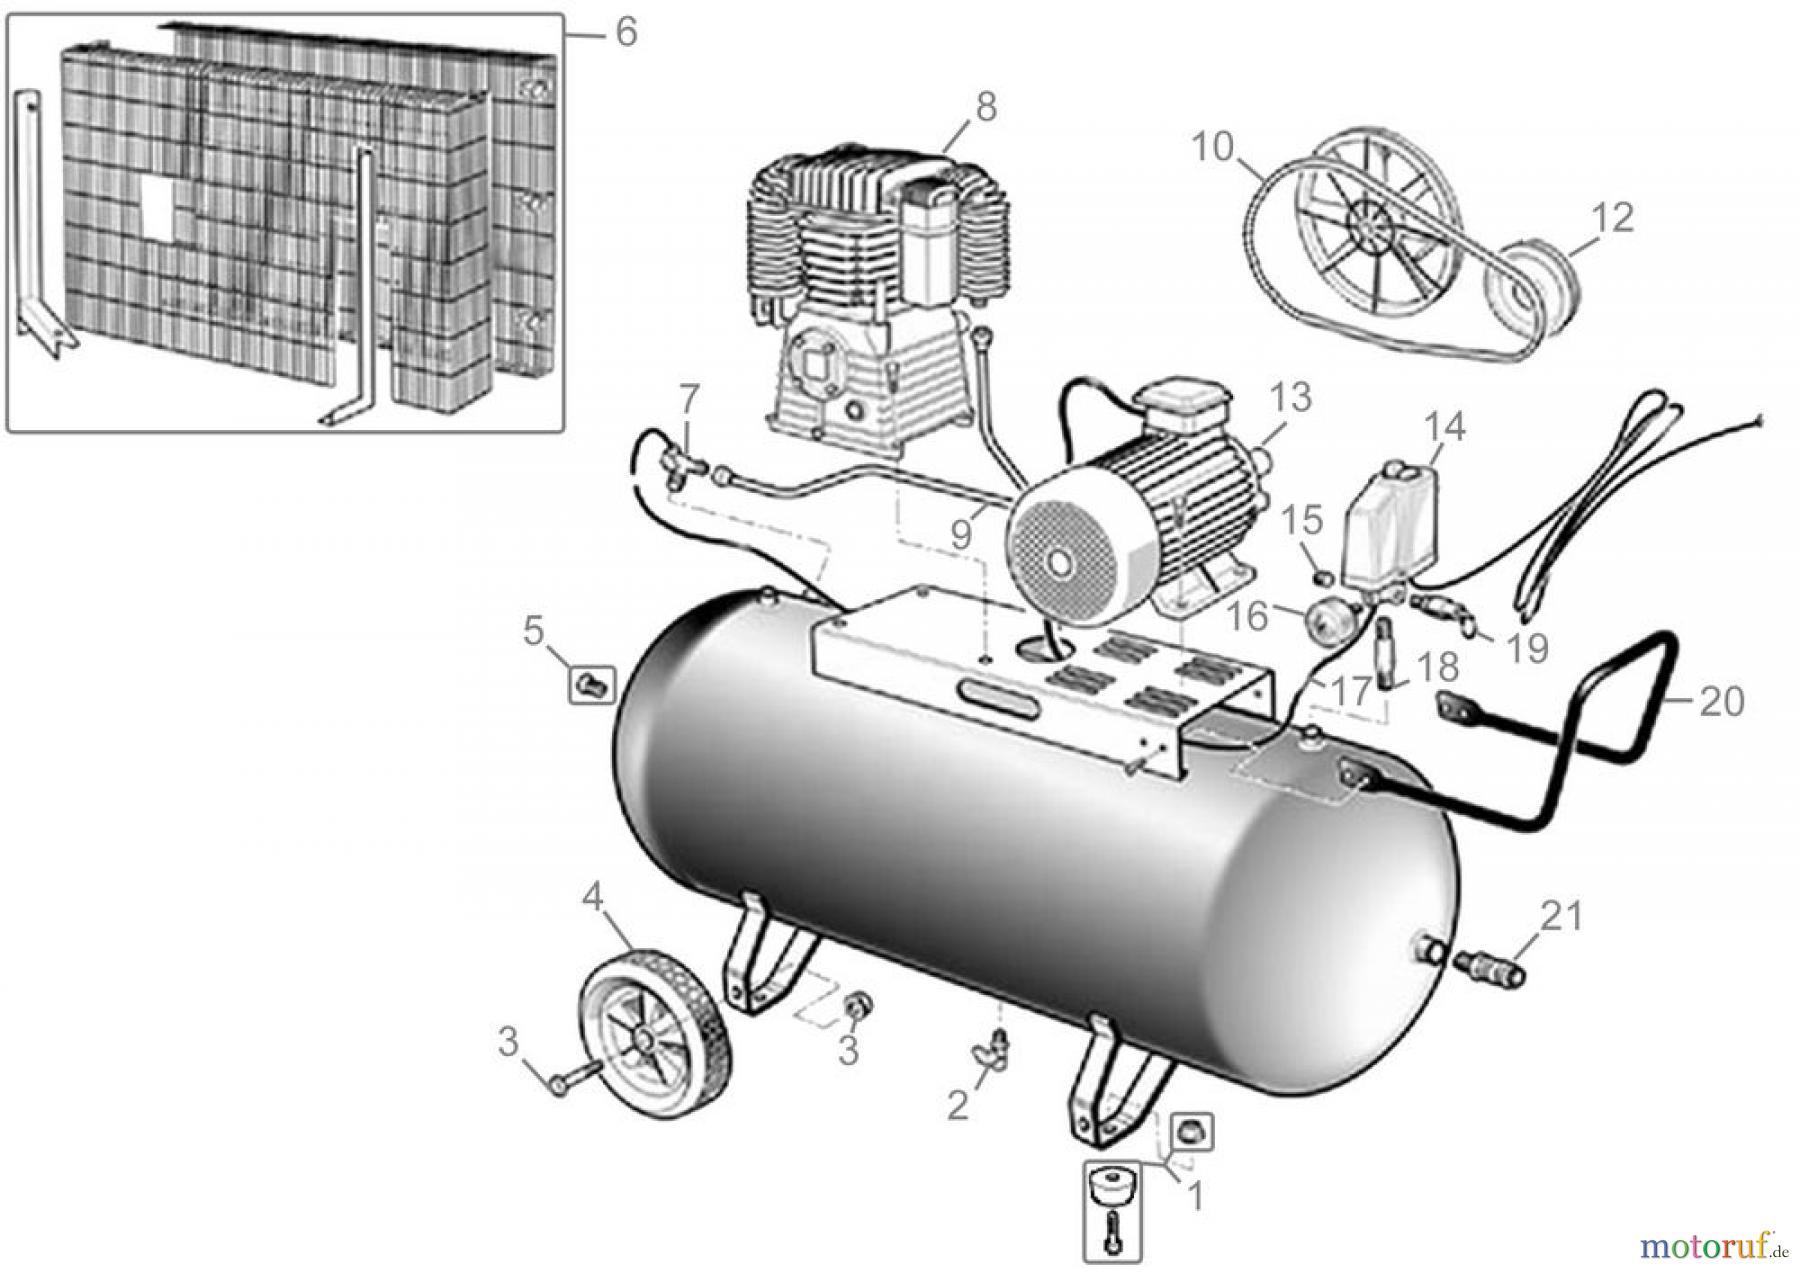 Keenso Universal Motorrad Kohlefaser Luftfilter f/ür 150cc-250cc Motorrad Roller ATV Dirt Bike 42mm